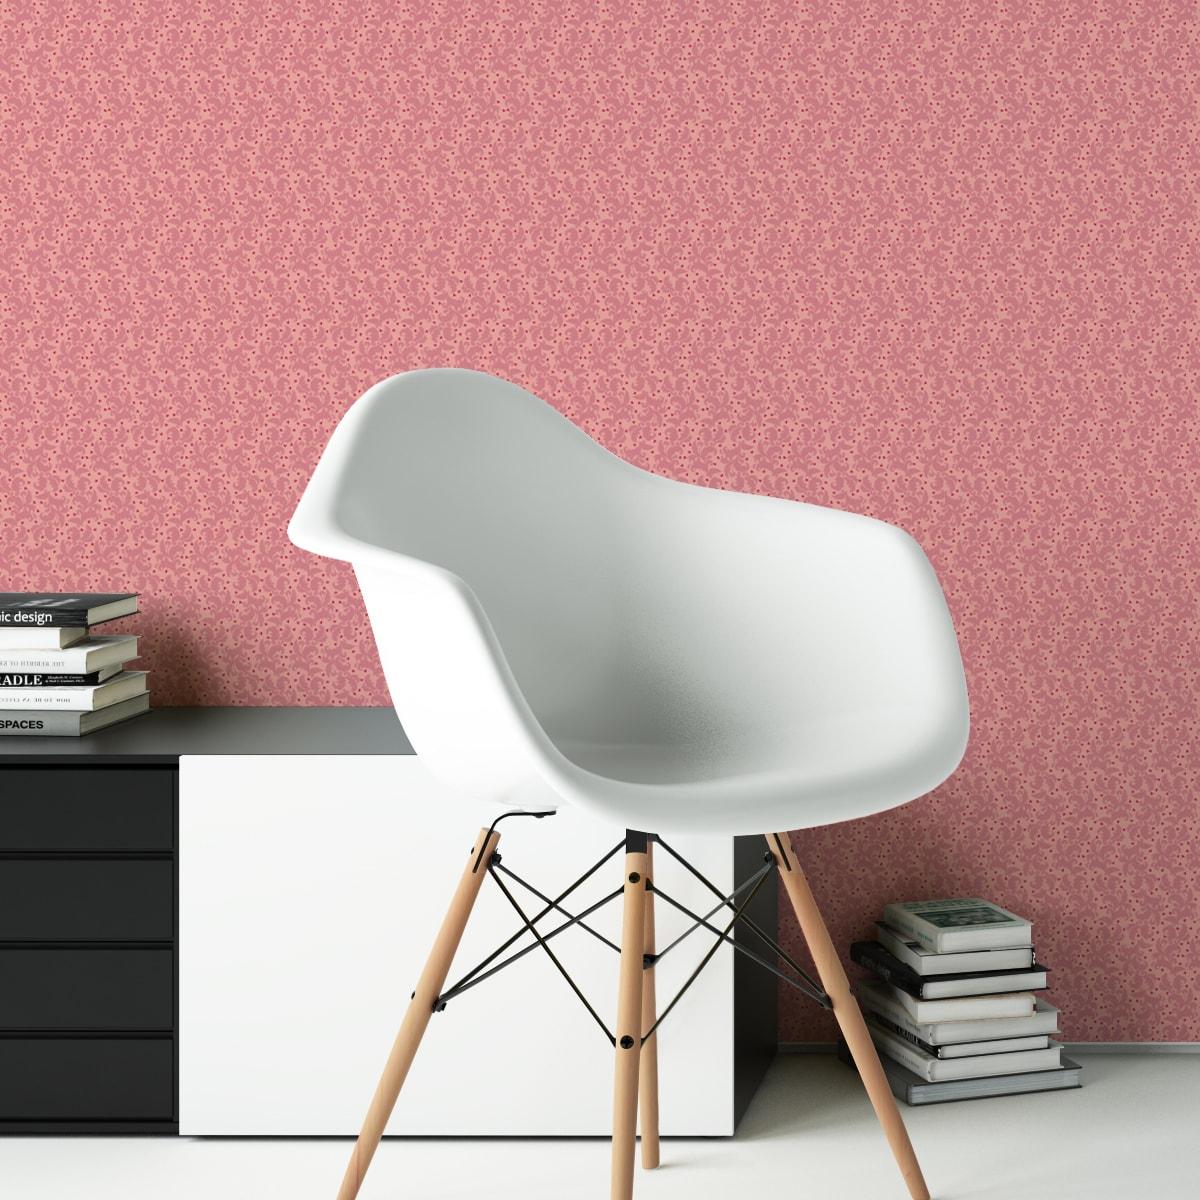 Wandtapete rosa: Rosa Nostalgie Ornamenttapete Ranken mit Blatt Muster, Vlies Tapete Ornamente für Ihr Zuhause